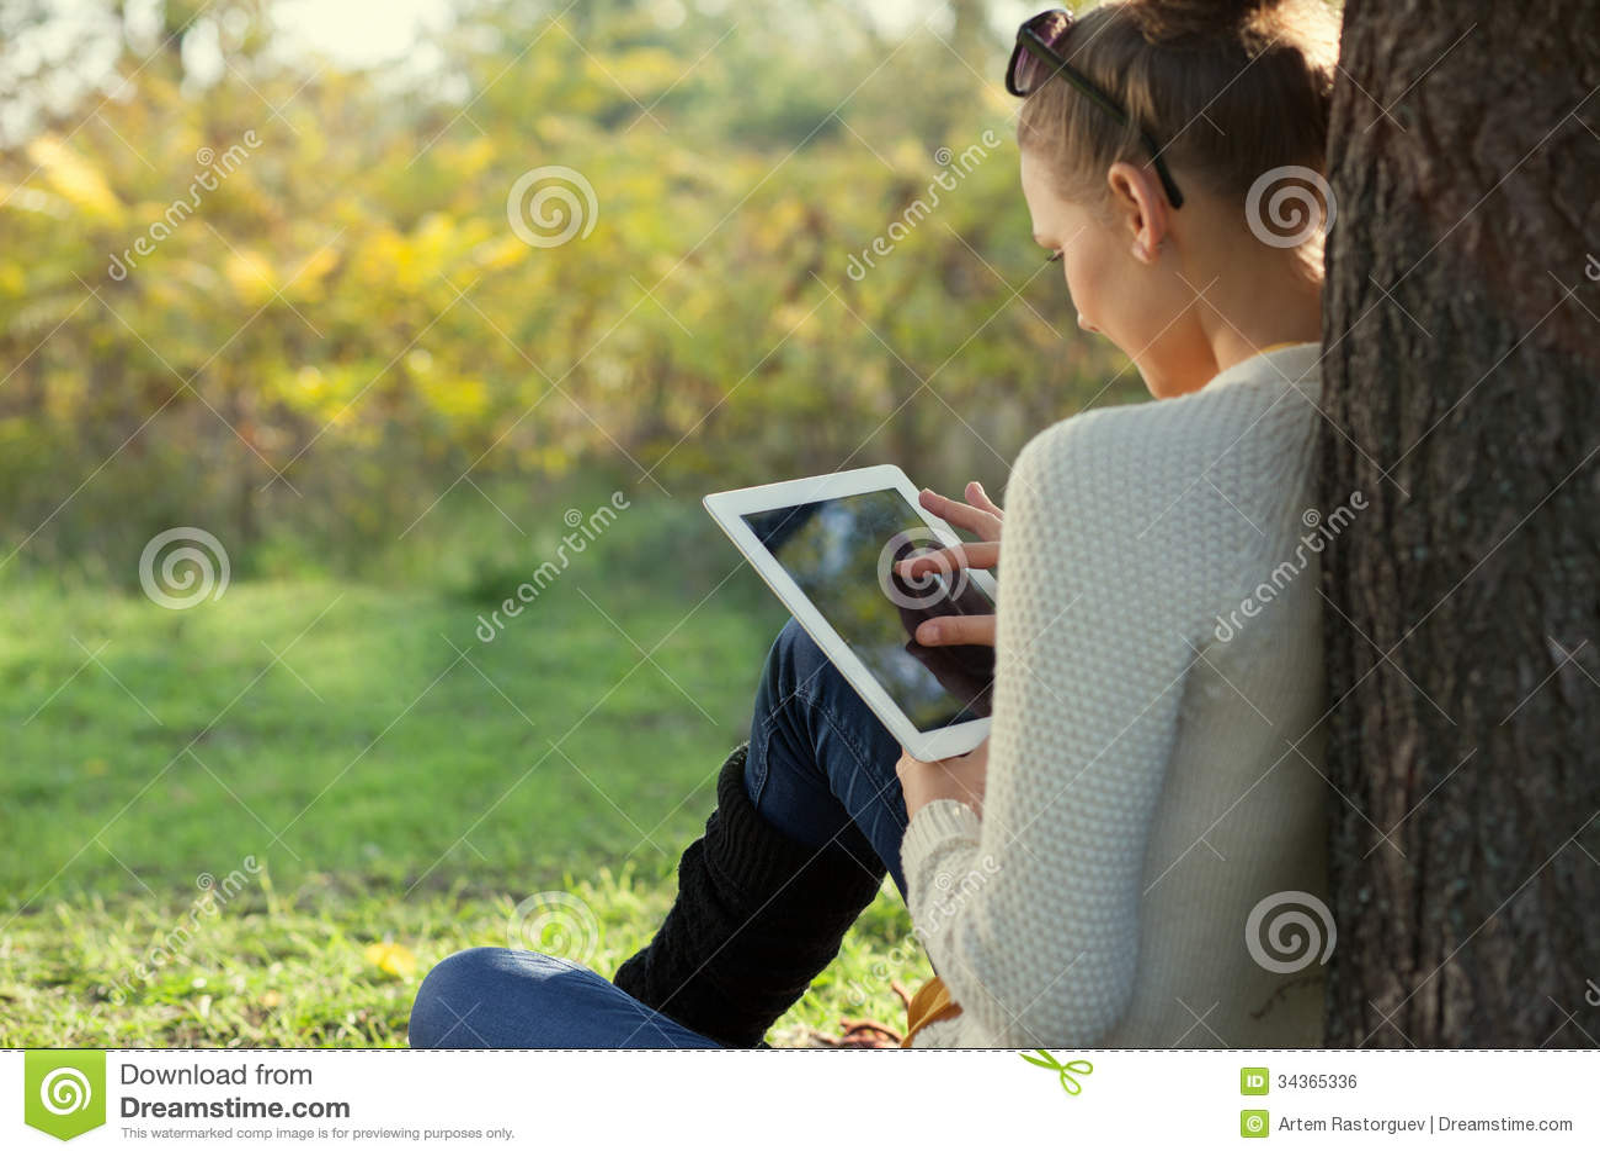 Unter Verwendung ipad junger Frau im Park